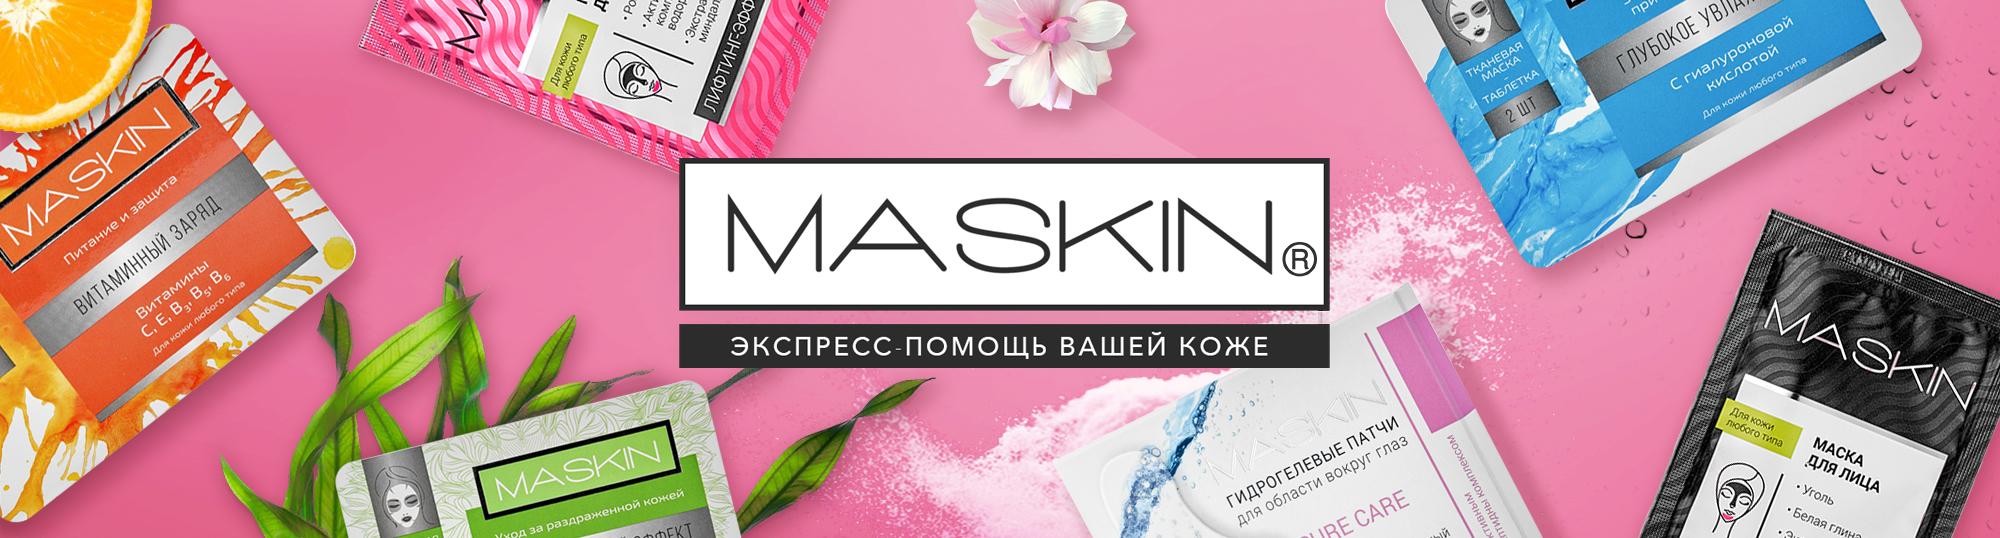 Маскин